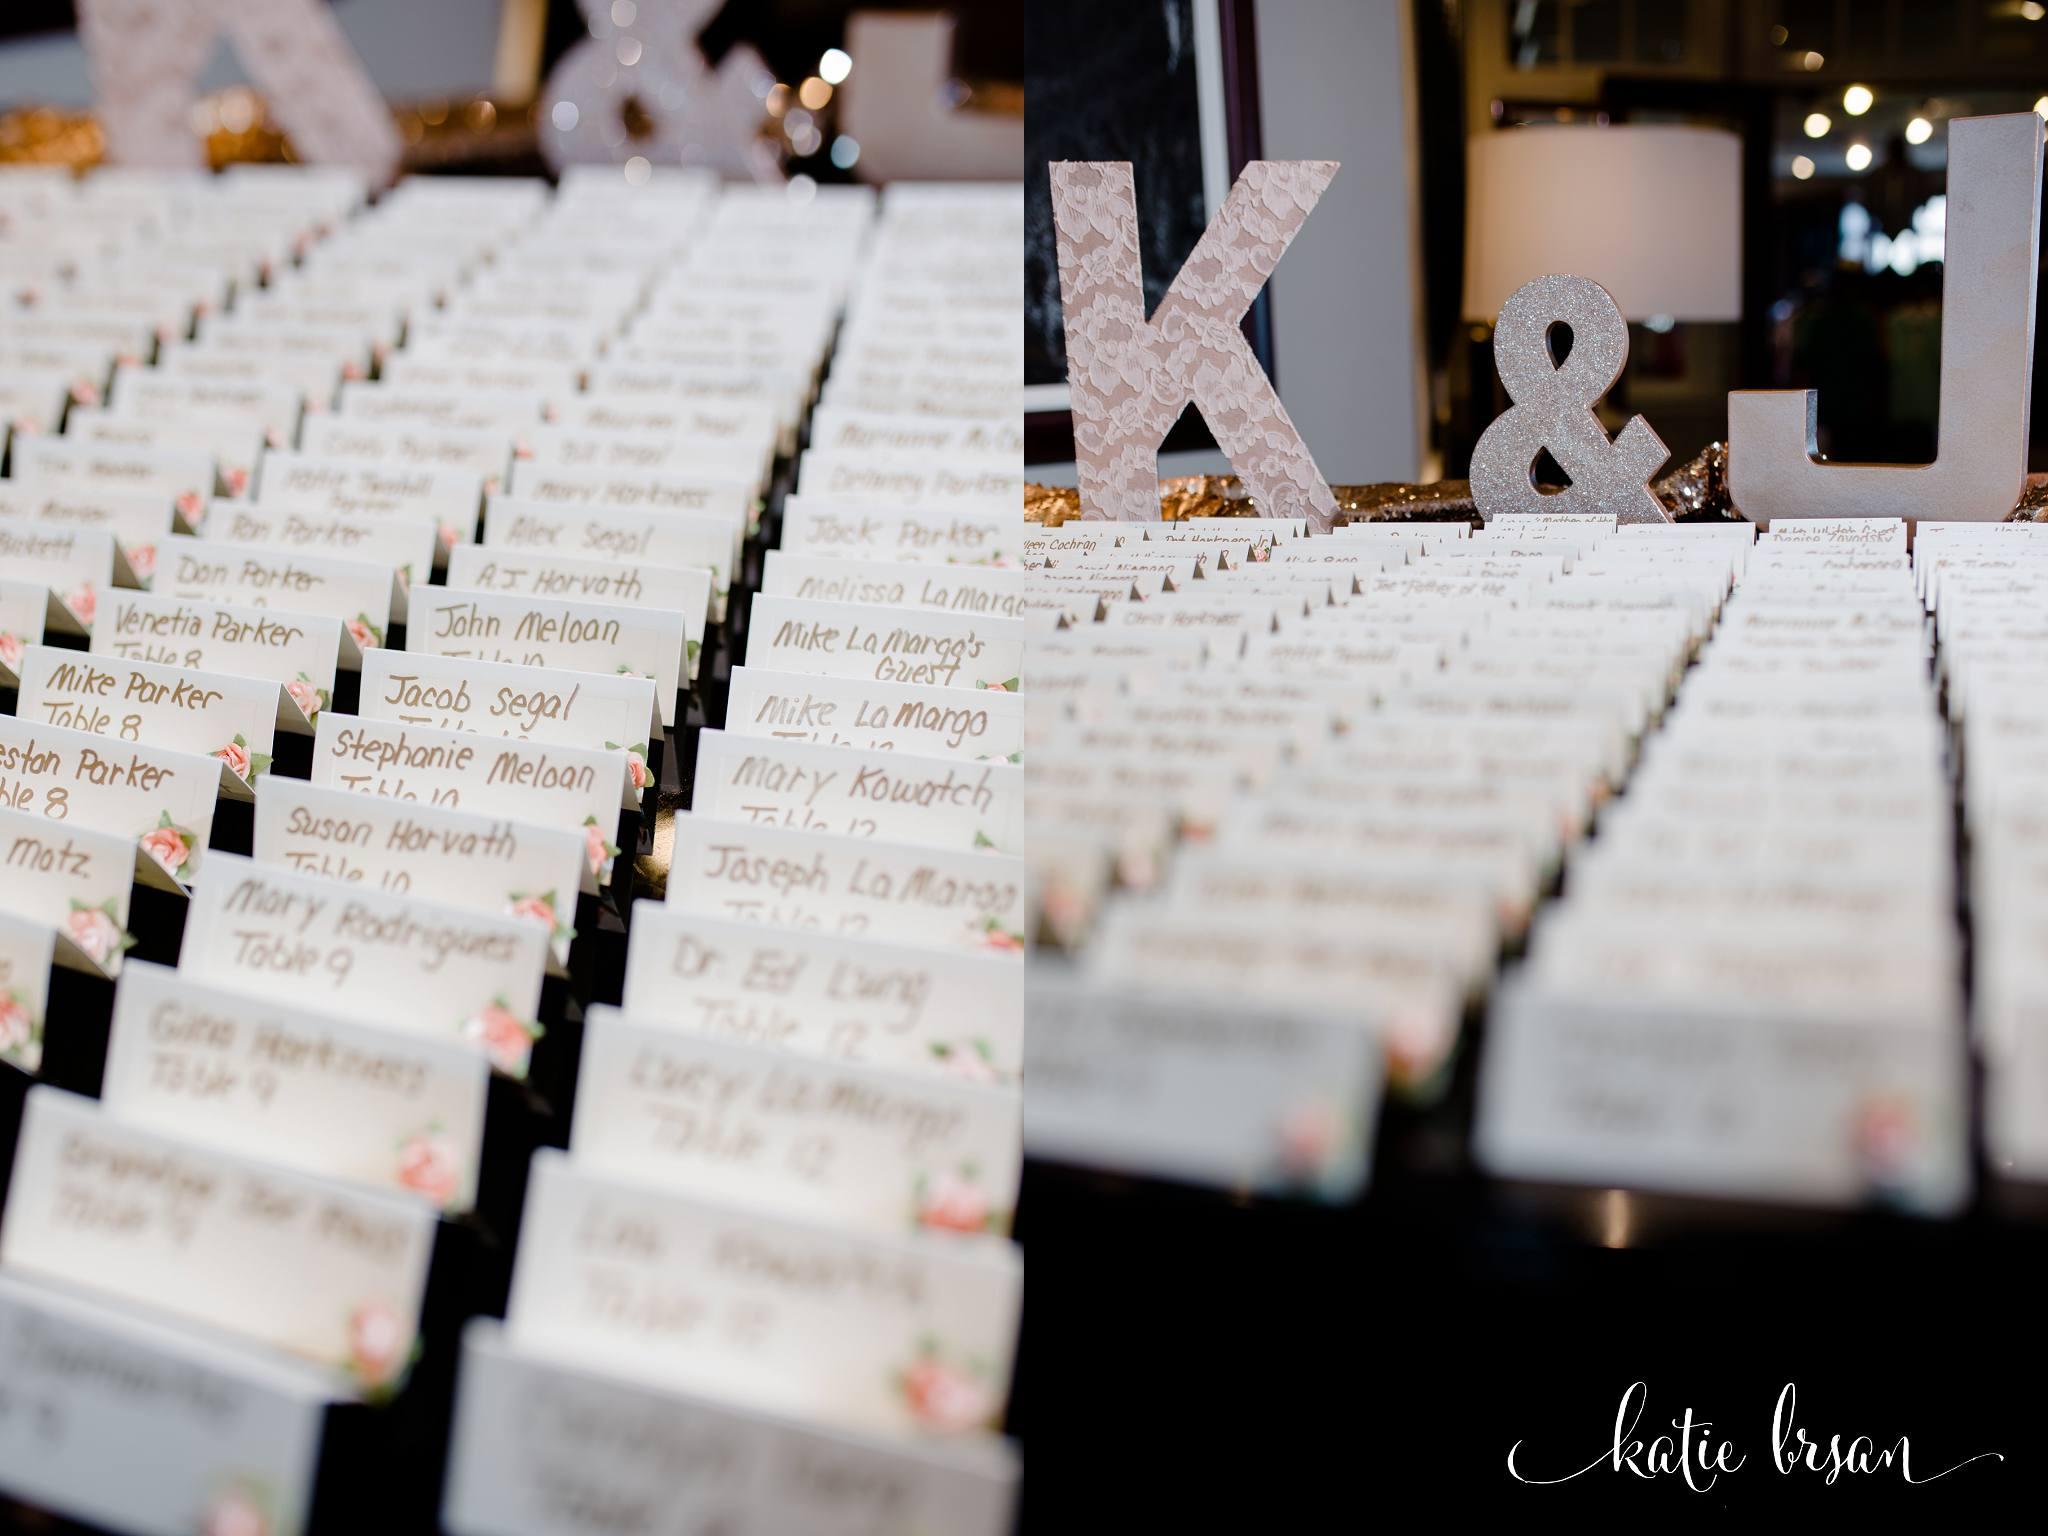 Mokena_Lemont_Wedding_Ruffled_Feathers_Wedding_1395.jpg